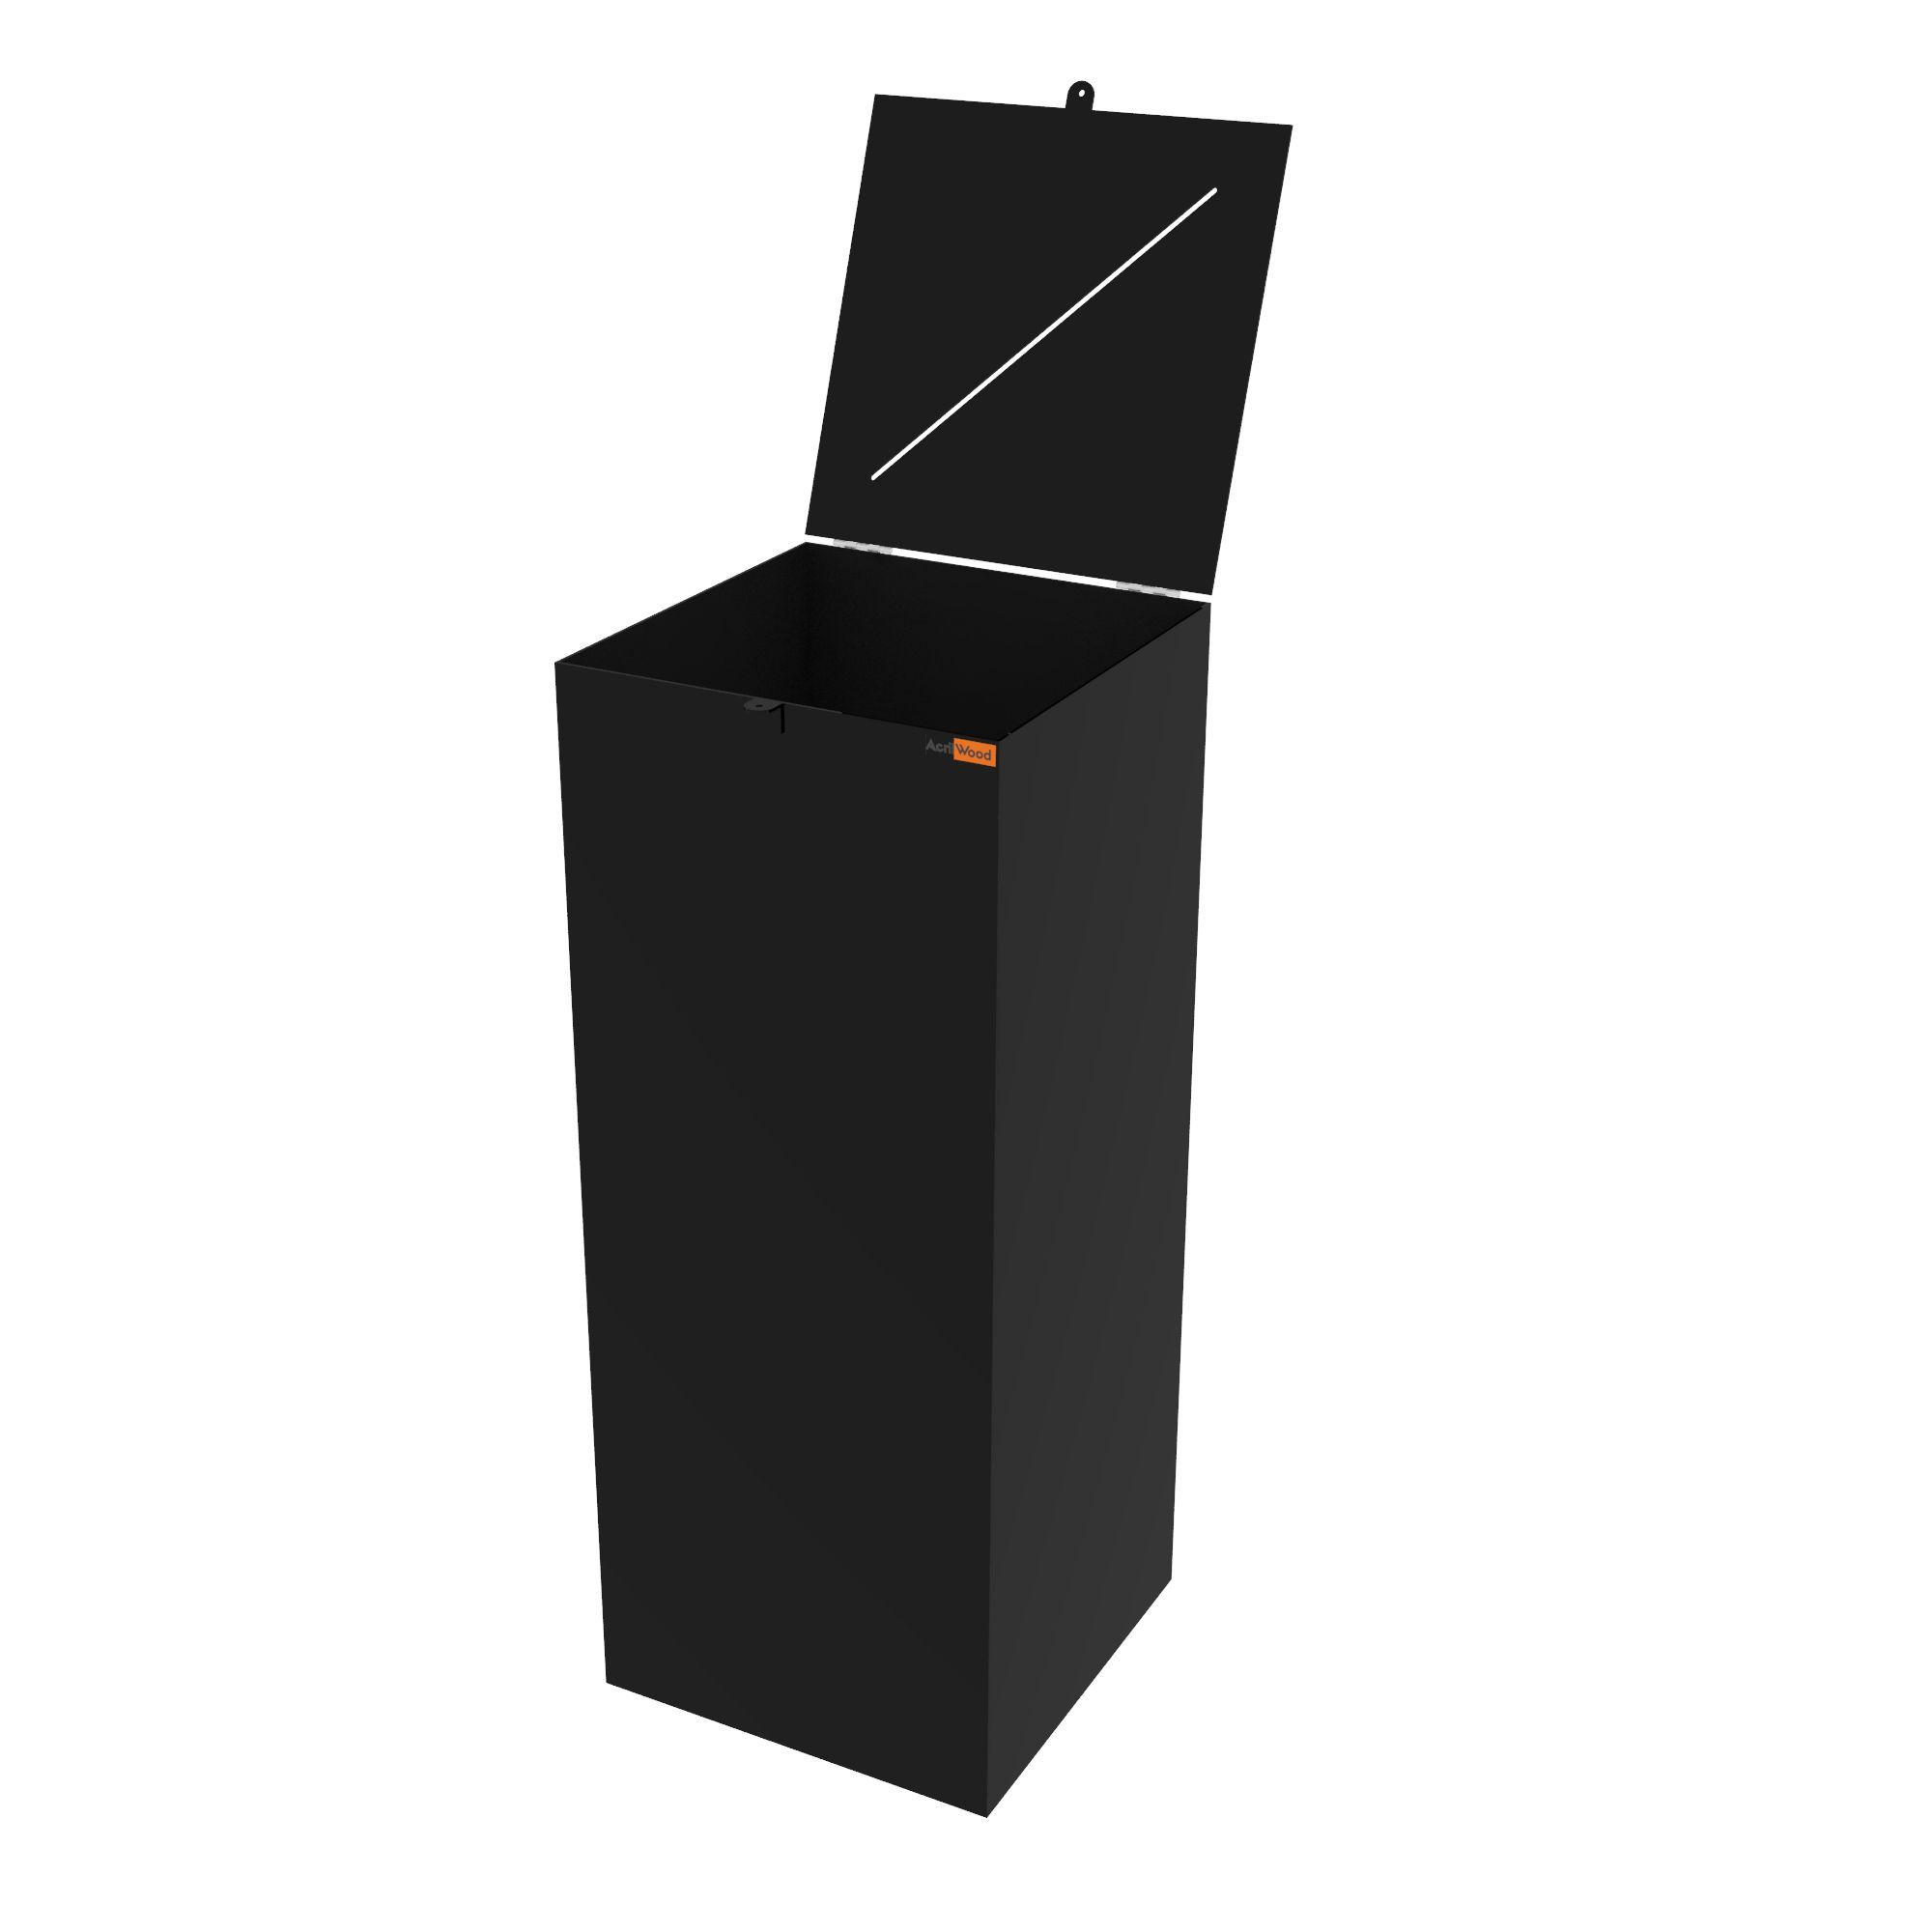 Urna Retangular Em Acrílico Preto - 40x40x100cm